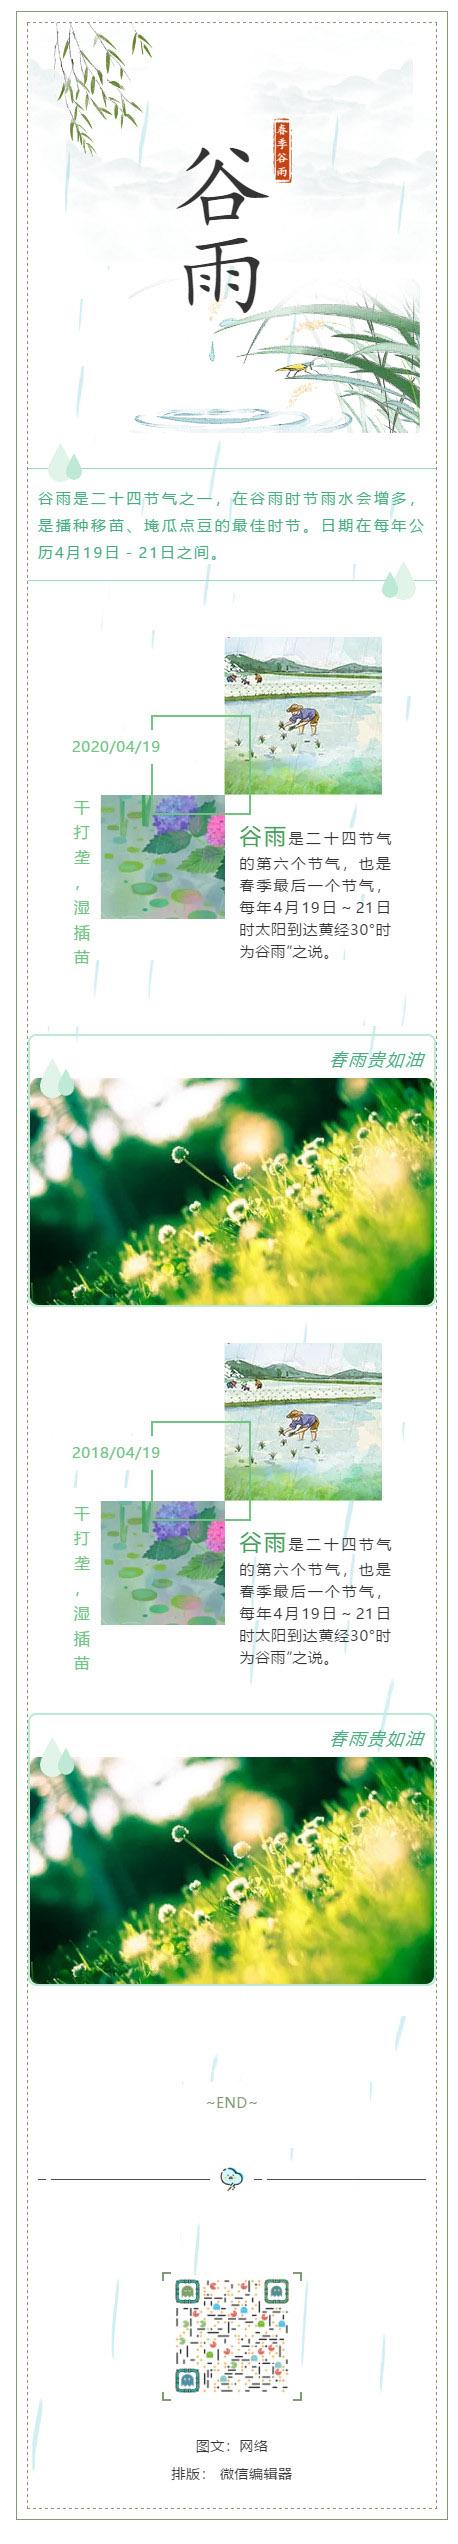 谷雨是二十四节气之一谷雨时节中国传统节日中国风水墨风格微信推文模板